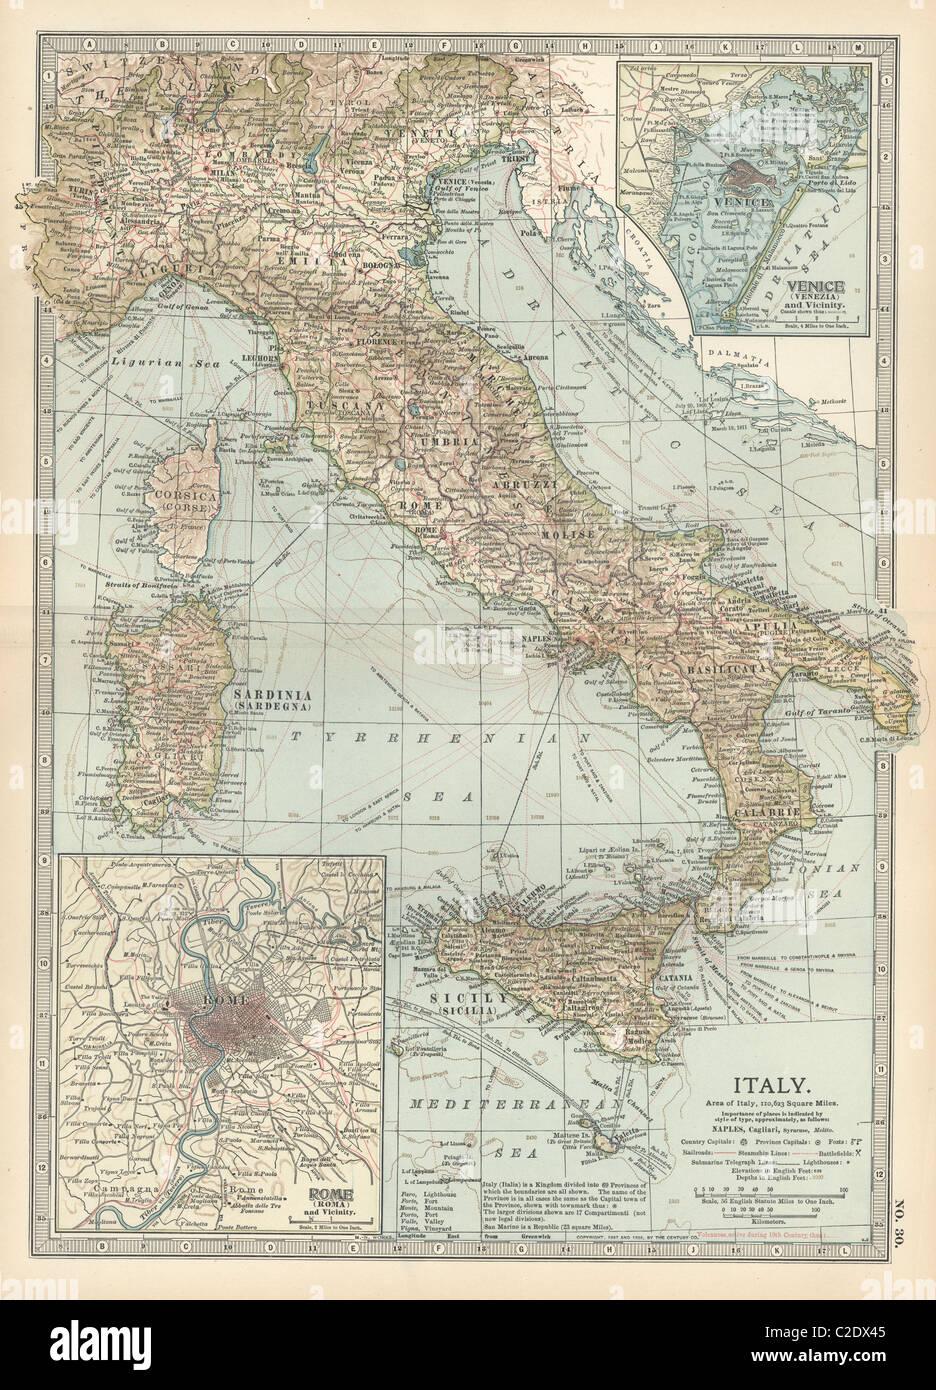 Italy Map 19th Century Stock Photos Italy Map 19th Century